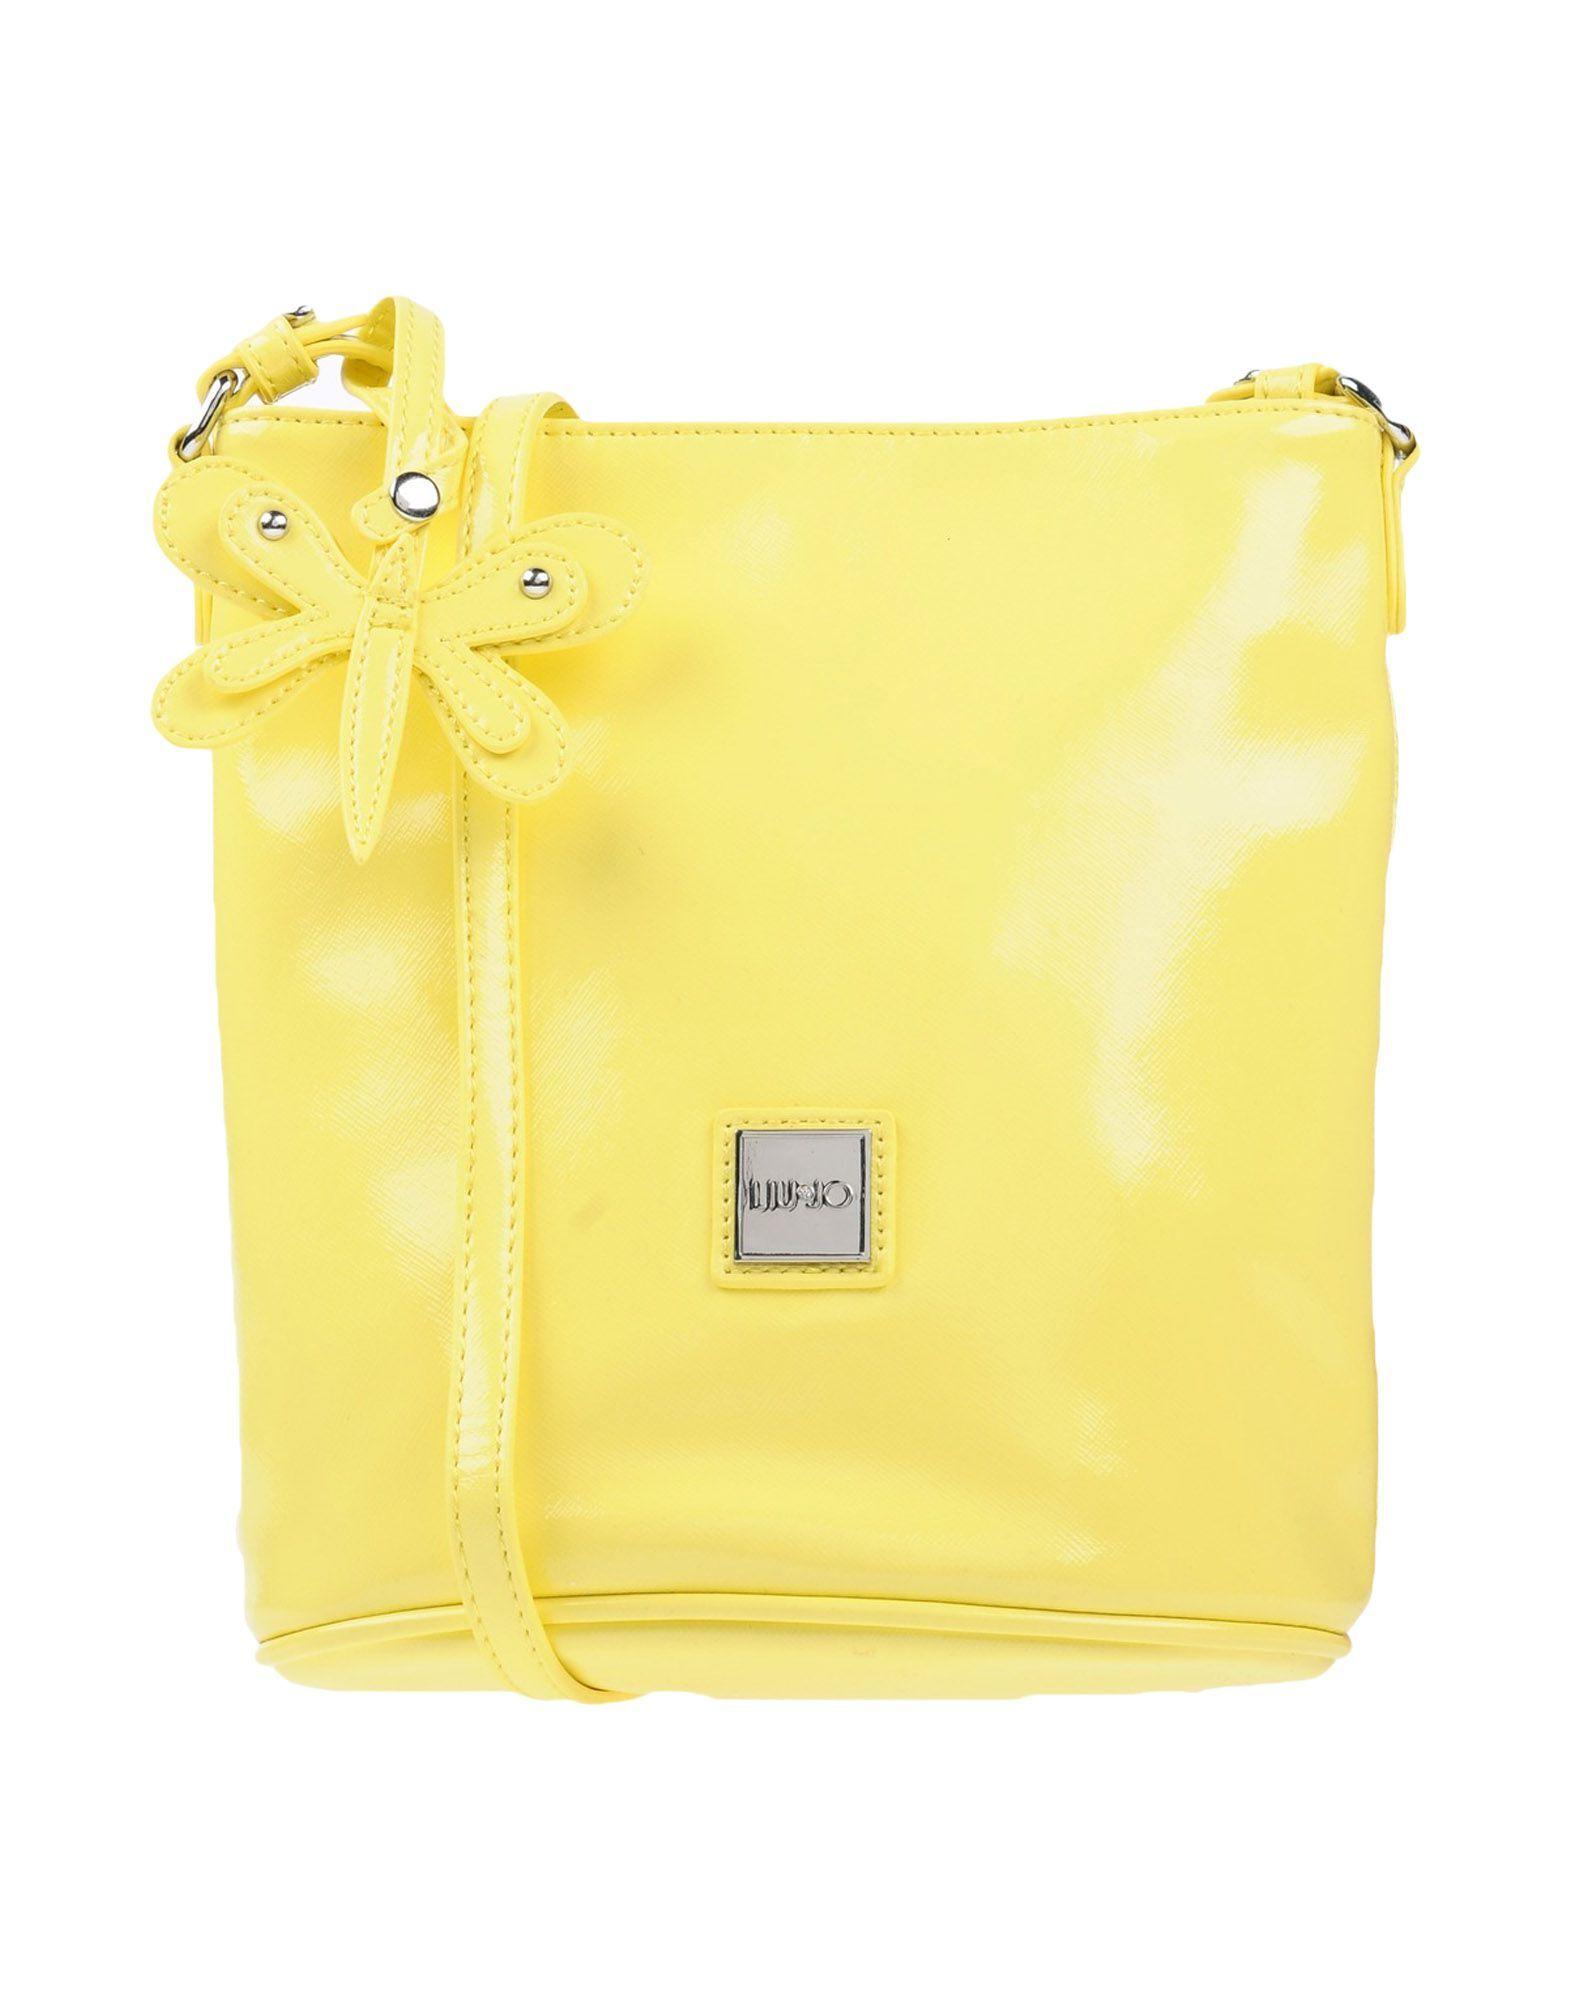 BAGS Girl Liu •Jo Yellow Polyester